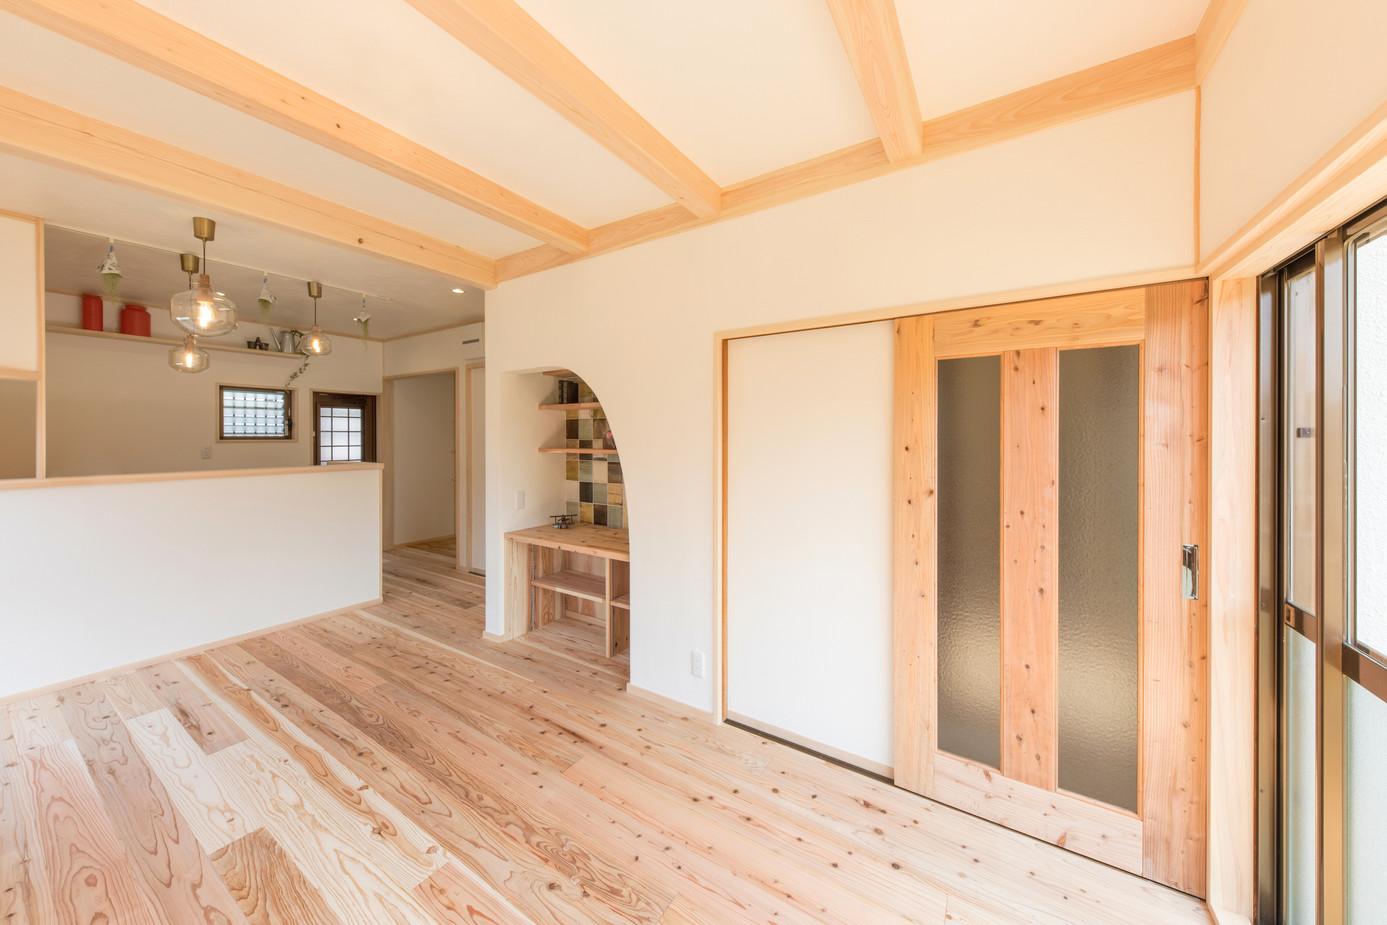 床も木材を使用しており 夏は涼しく、冬は暖かく 快適に過ごせます。